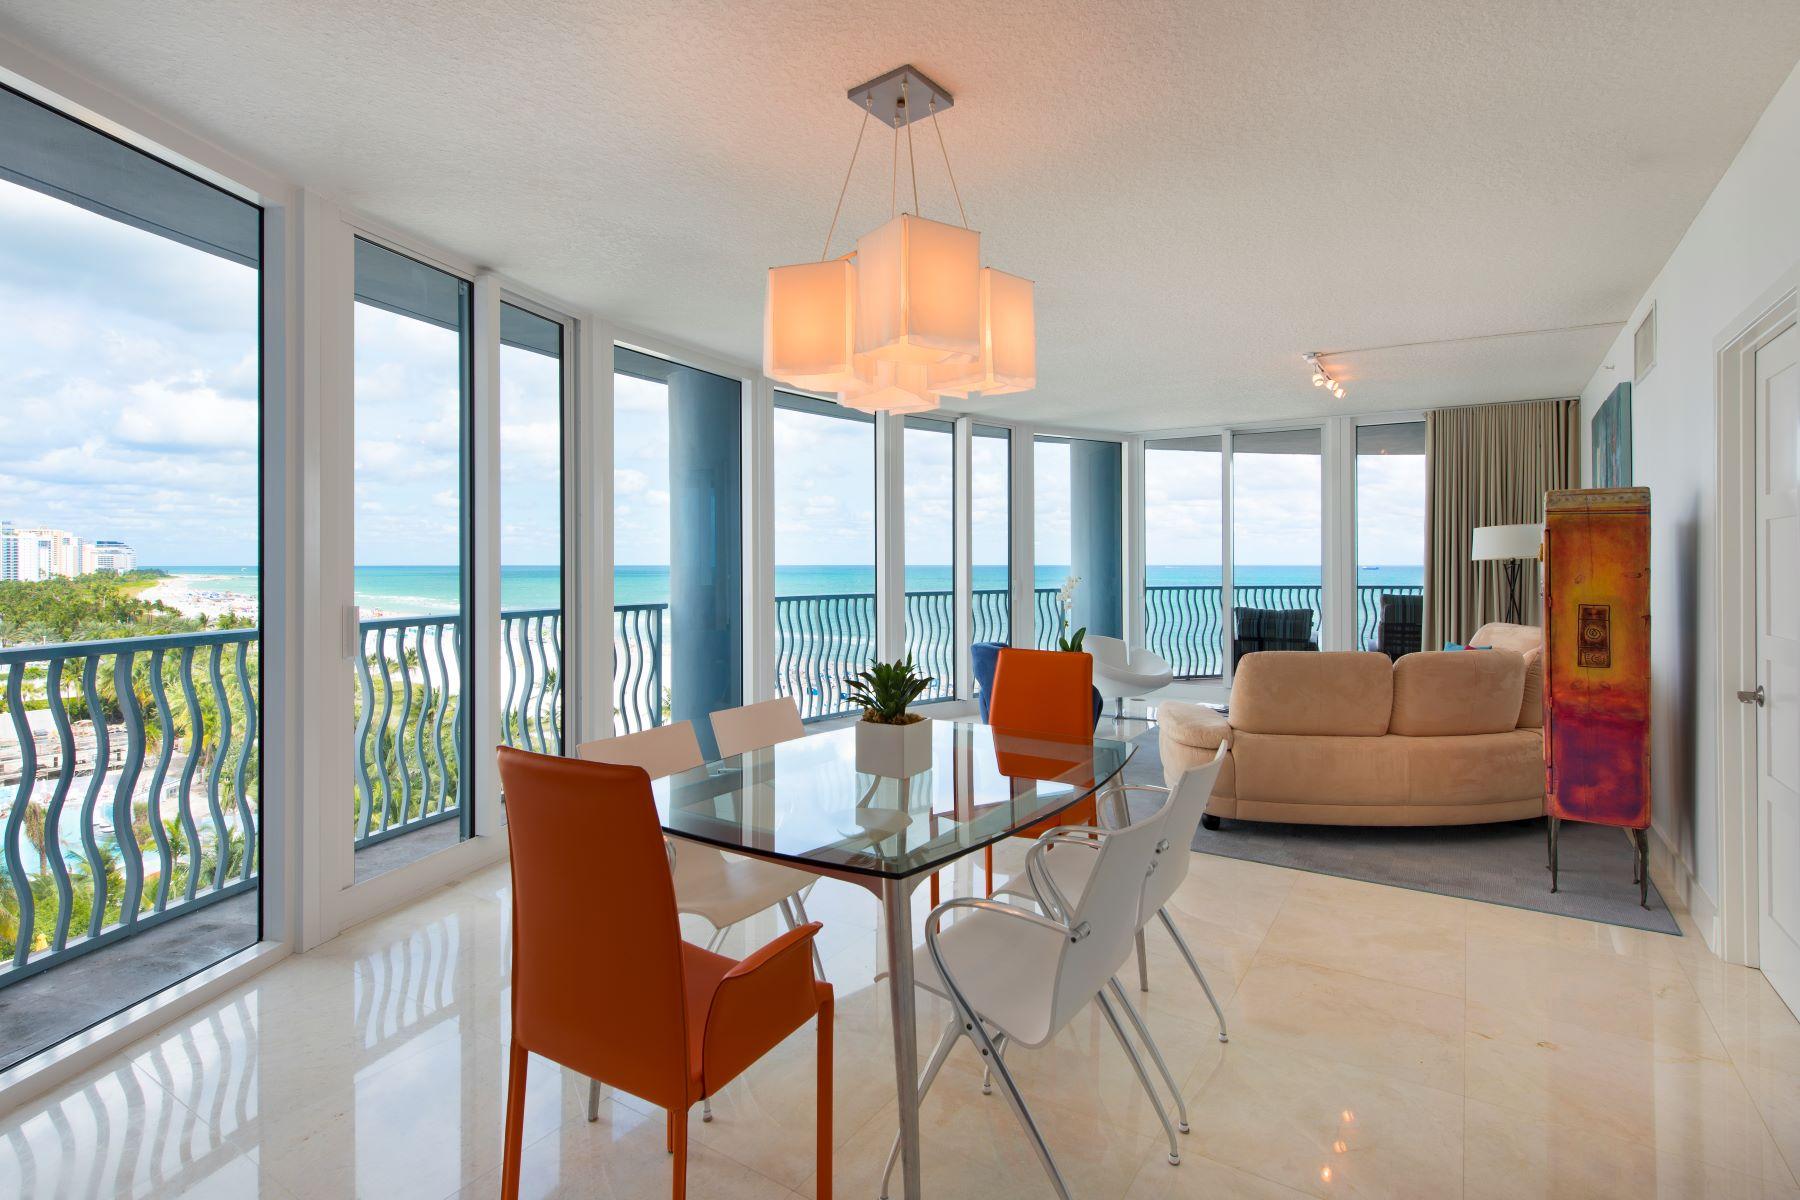 Кондоминиум для того Продажа на 1500 Ocean Dr 1500 Ocean Dr 901, Miami Beach, Флорида, 33139 Соединенные Штаты